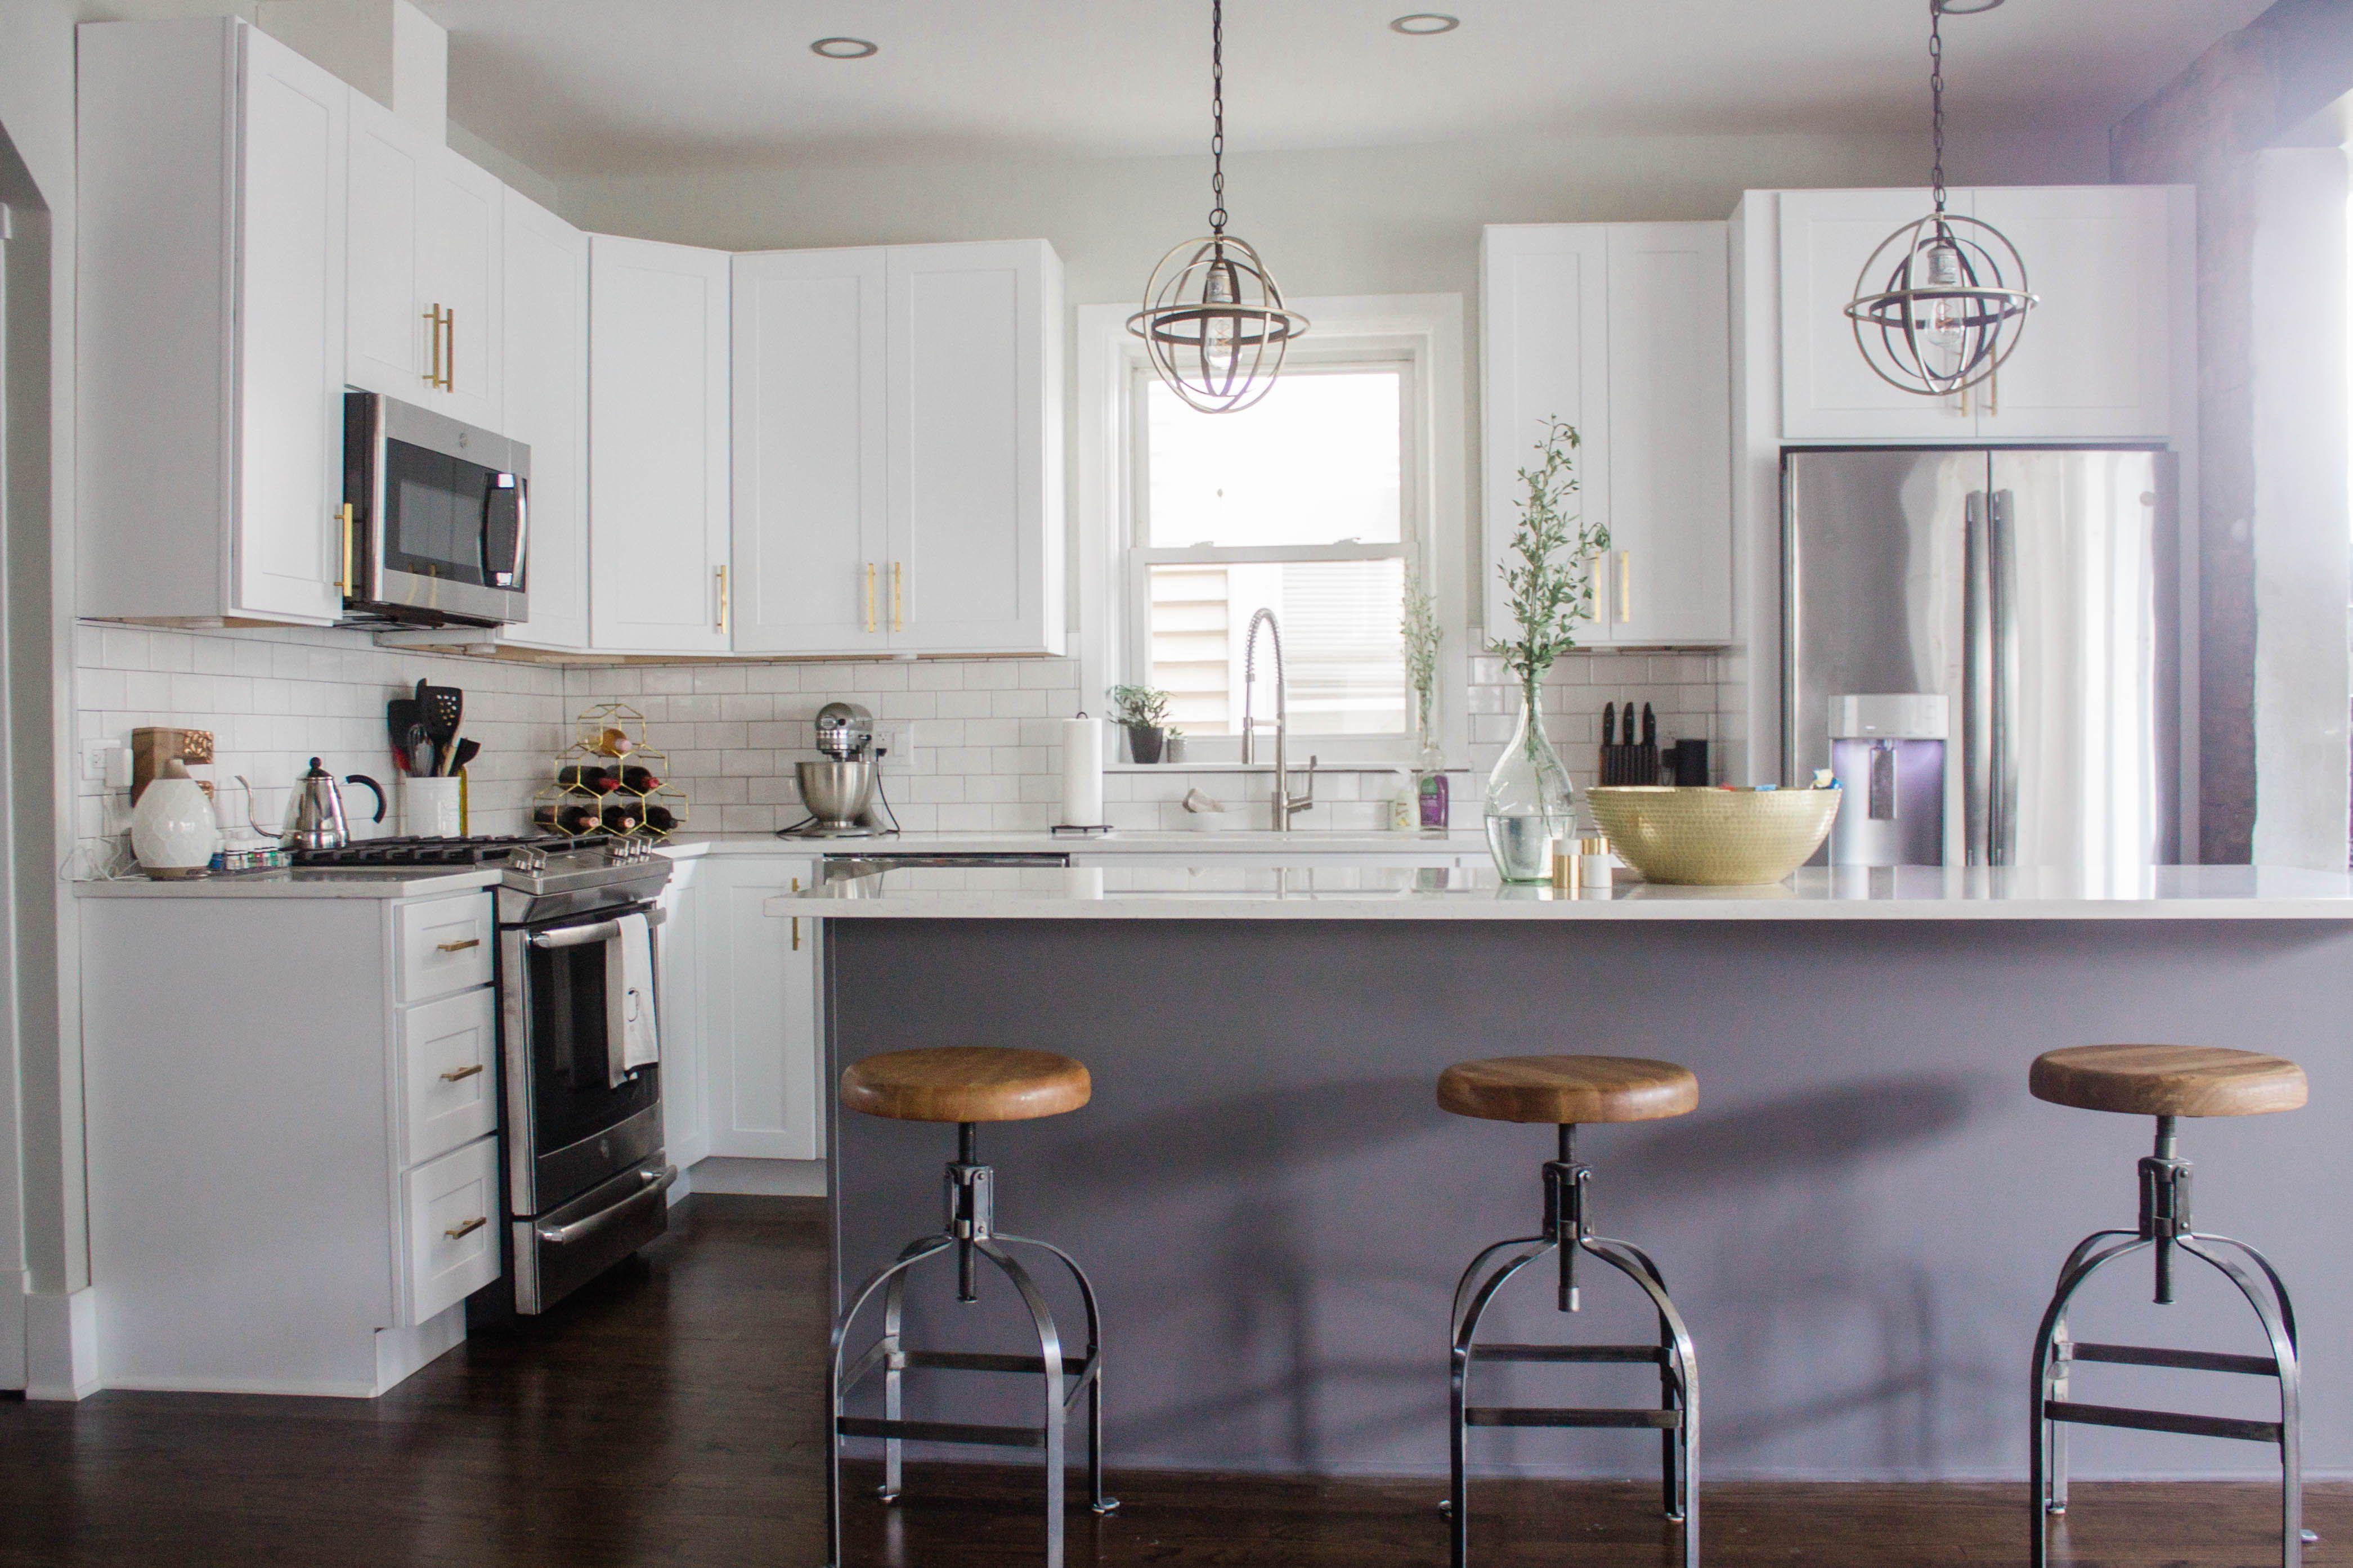 White Kitchen, Kitchen Remodel, Home Renovation